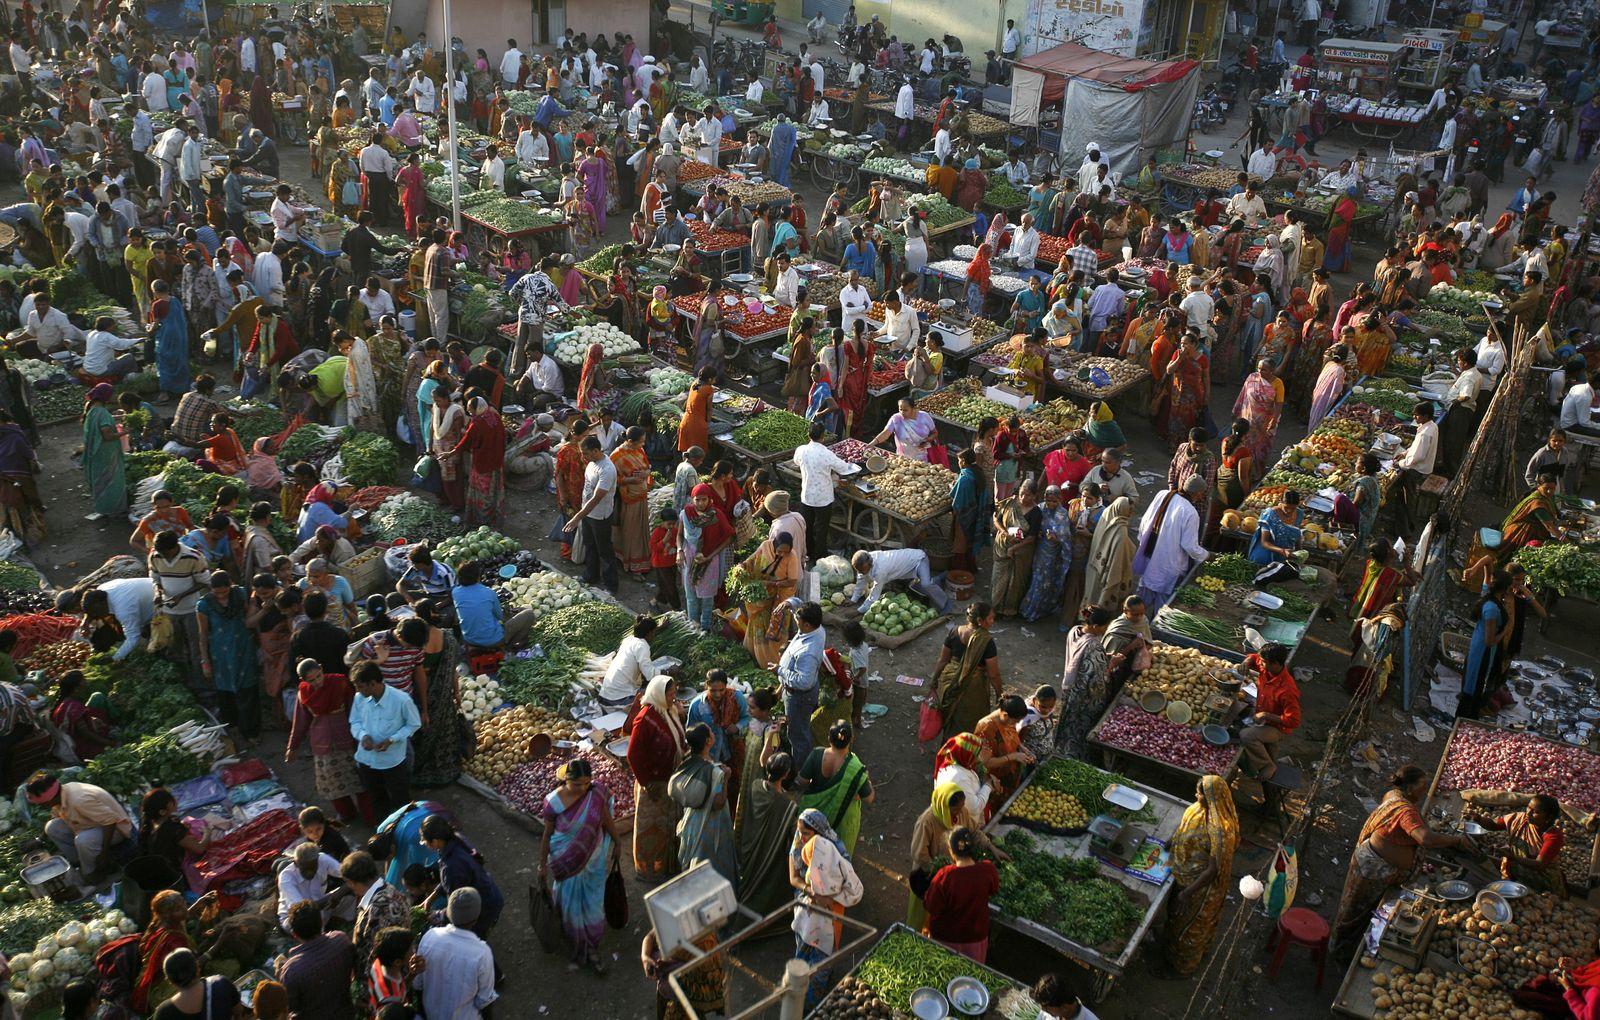 Indien Wirtschaft / Markt in Ahmedabad / Gemüse / Obst / Nahrungsmittel / Lebensmittel